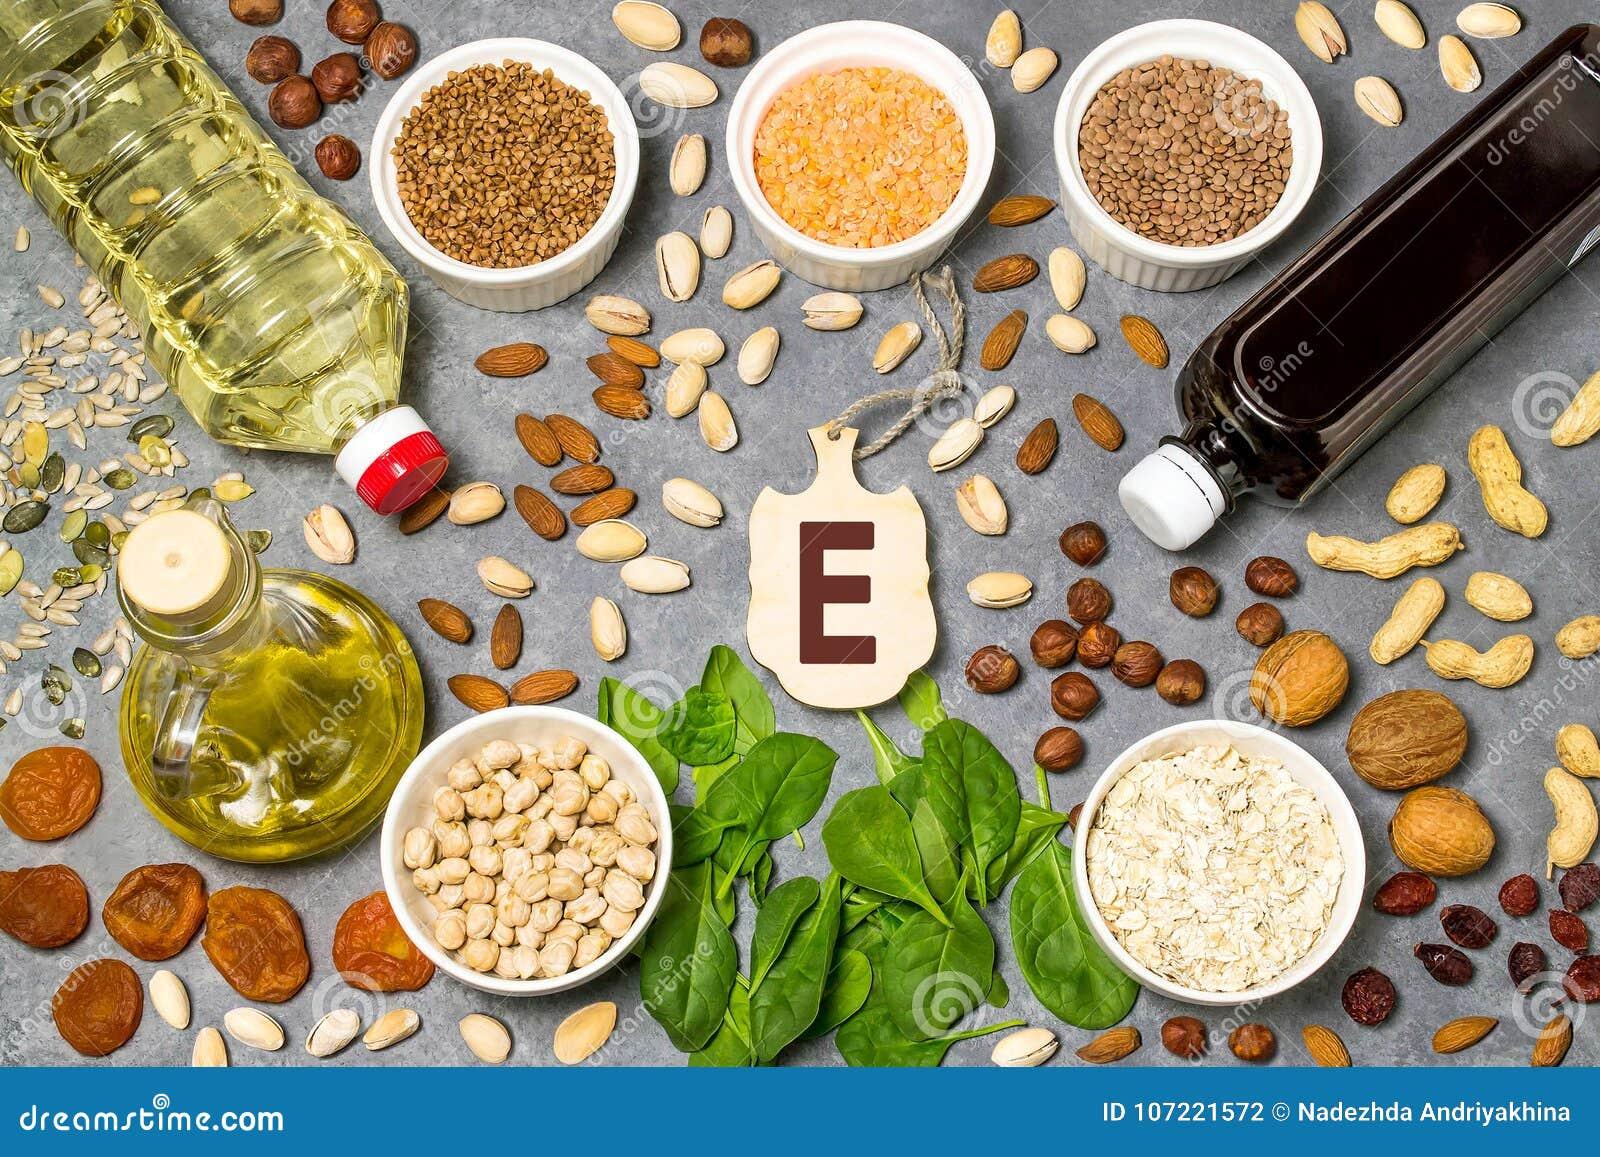 Lebensmittel ist Quelle von Vitamin E